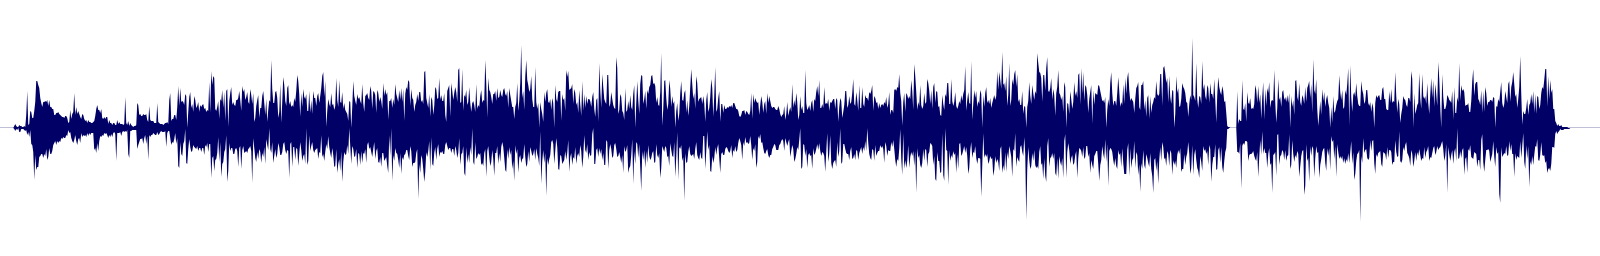 waveform of track #130497